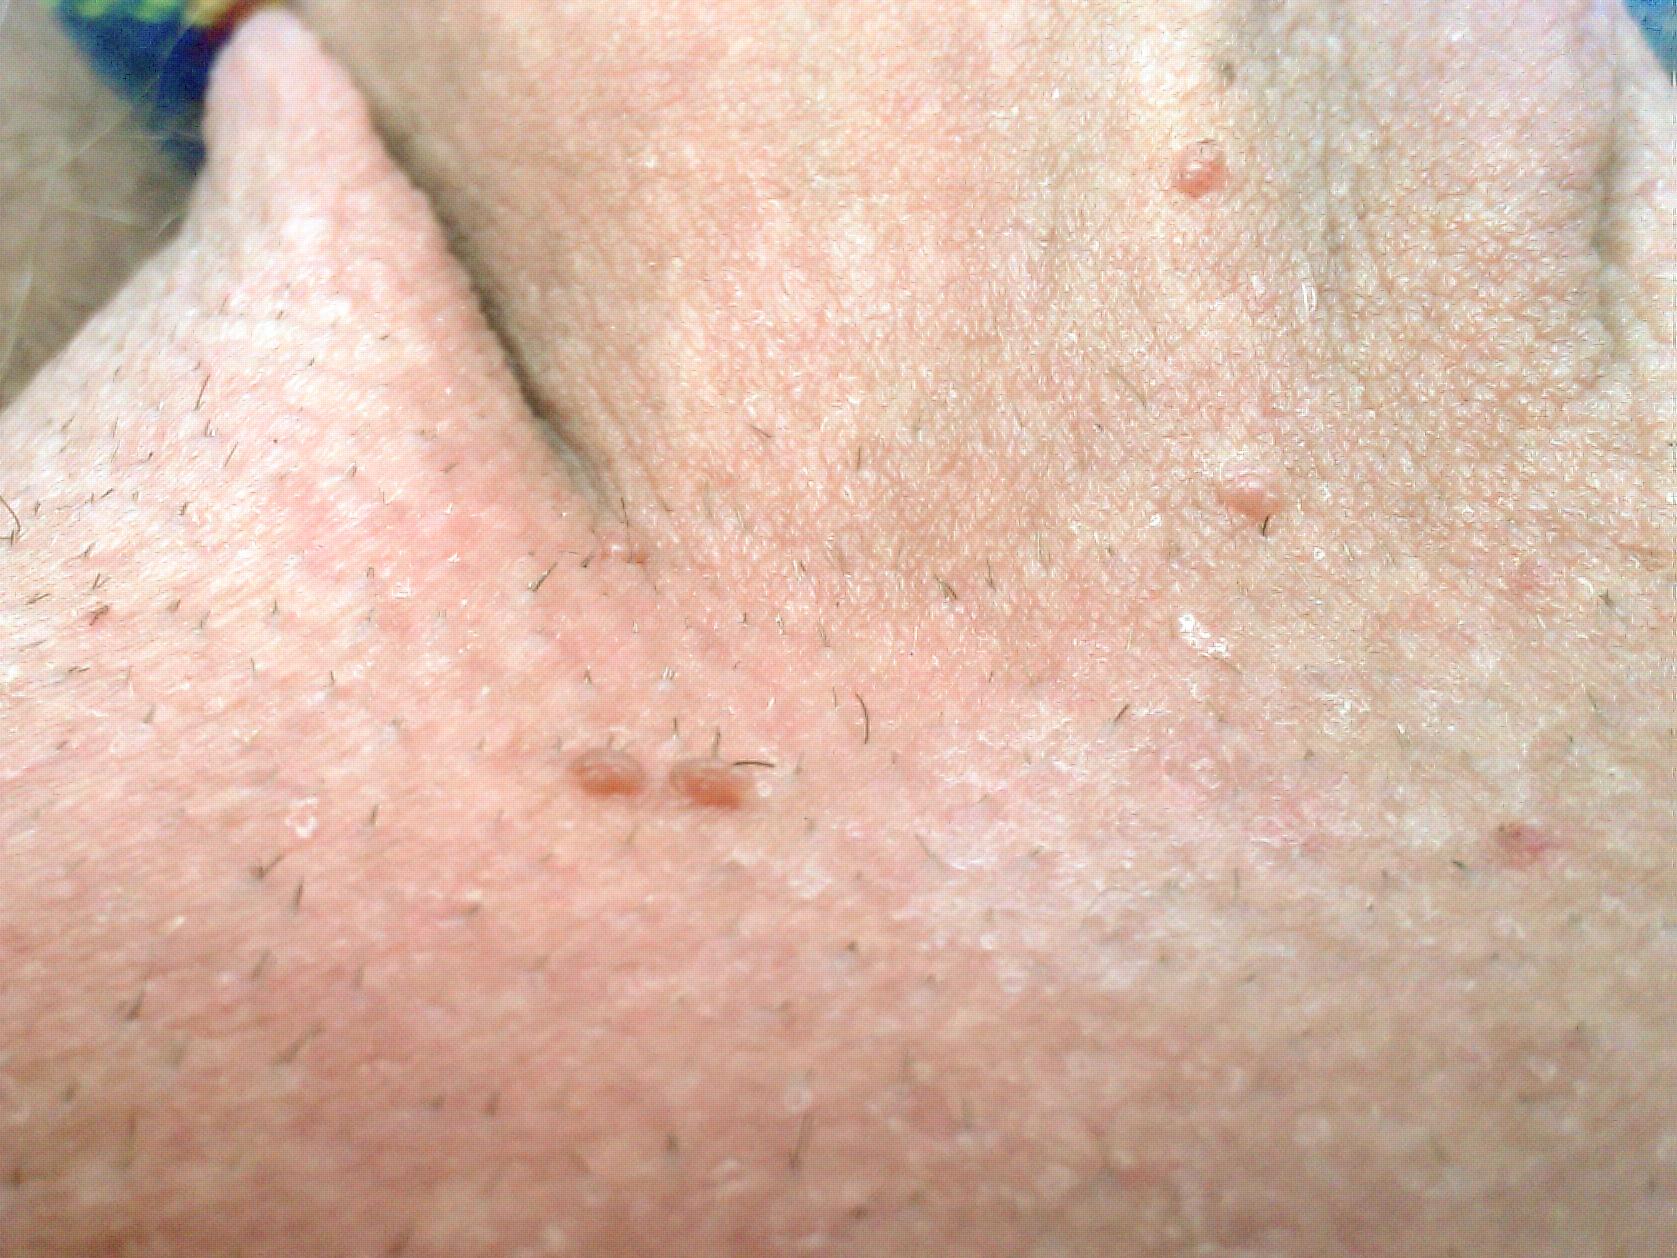 unde poate fi îndepărtat papilomul pe pleoapă hpv causes cancers